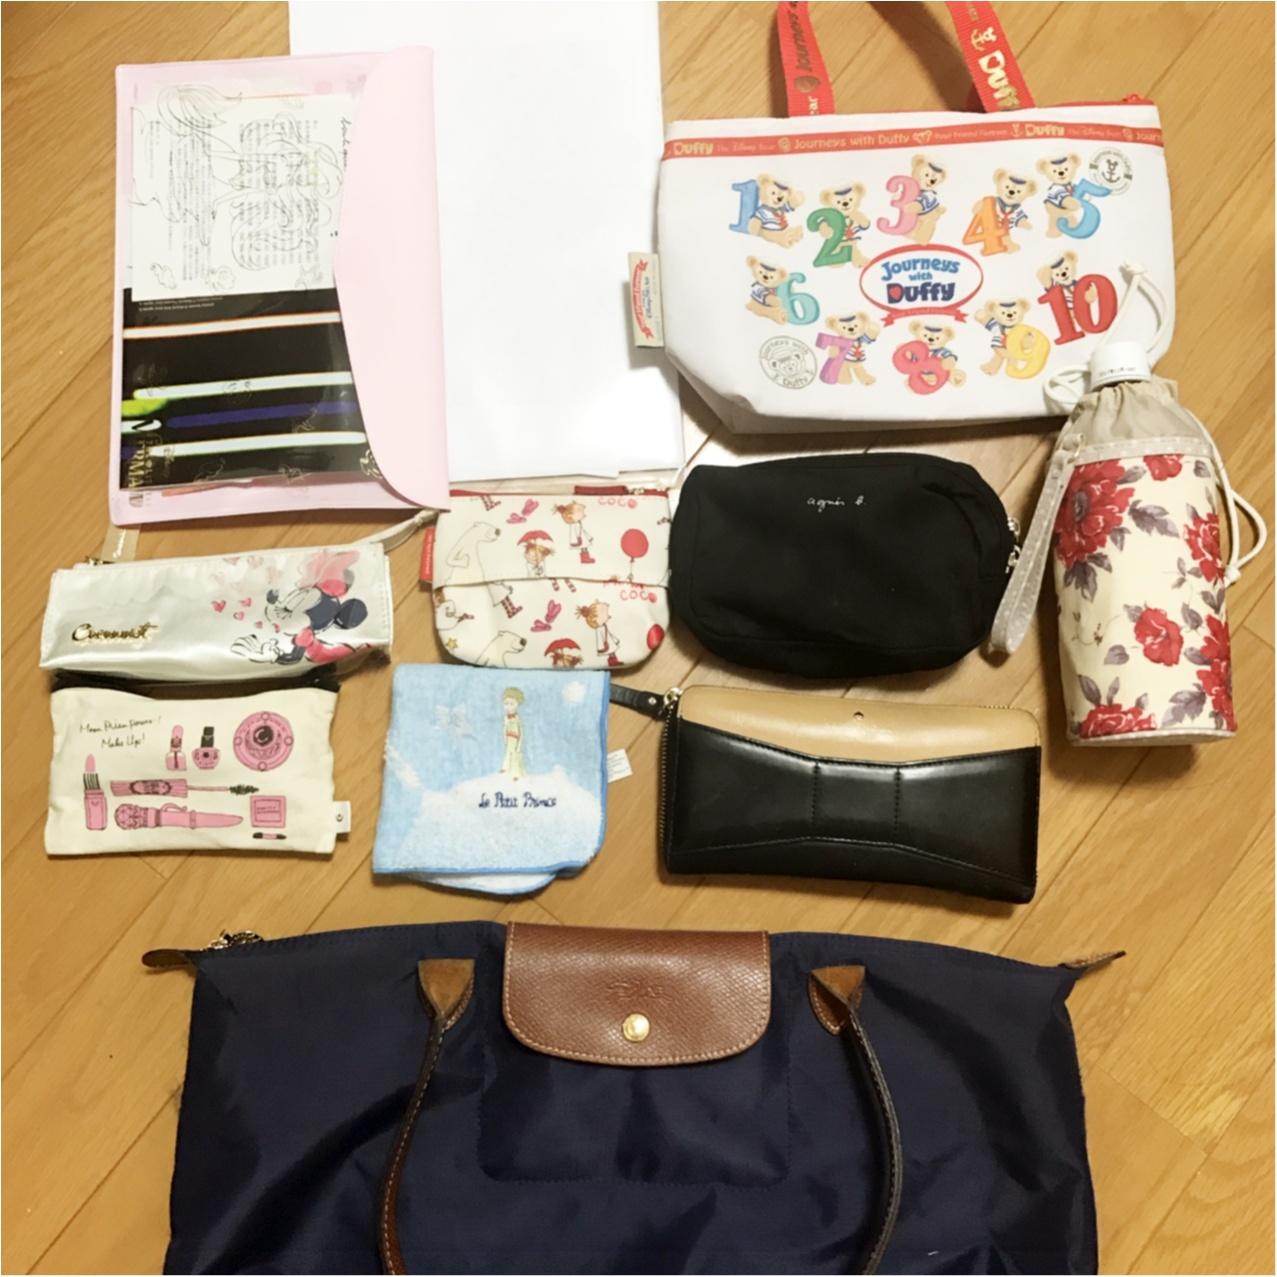 【○○で選ぶならコレ❤︎】私のお仕事バッグは《LONGCHAMP ル・プリアージュ》♡ _3